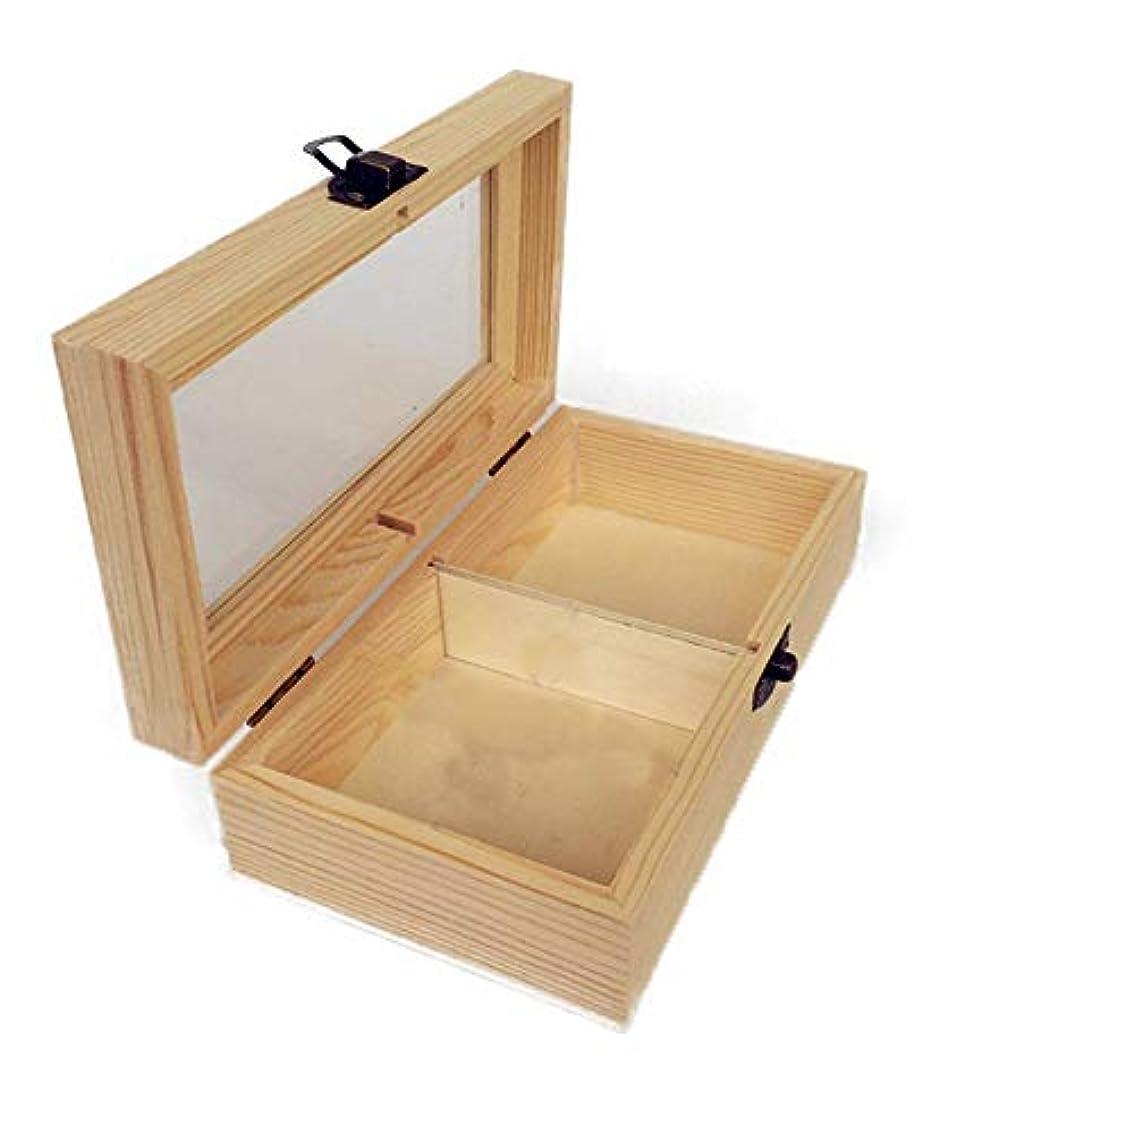 継続中パラダイス競うエッセンシャルオイル収納ボックス プレゼンテーションのために手作りの木製ギフトボックスパーフェクトエッセンシャルオイルケースにエッセンシャルオイルは、被害太陽光からあなたの油を保護します (色 : Natural, サイズ...